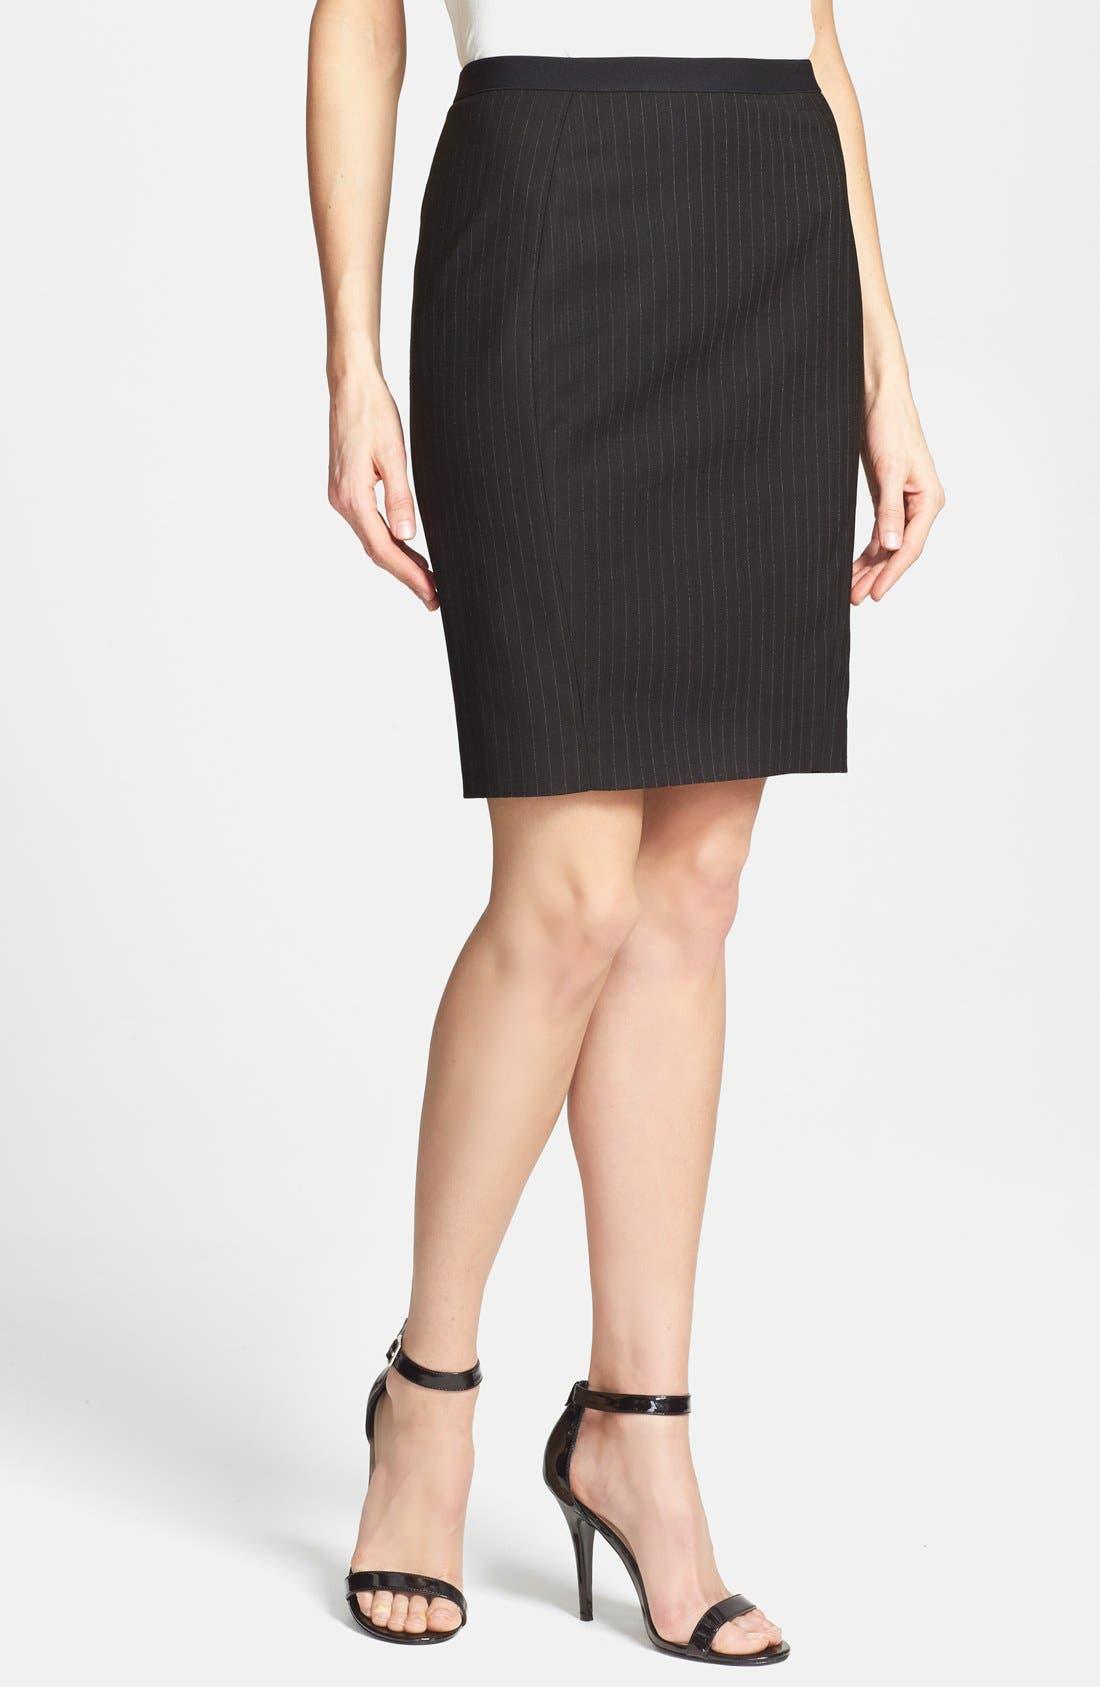 Alternate Image 1 Selected - T Tahari 'Rune' Skirt